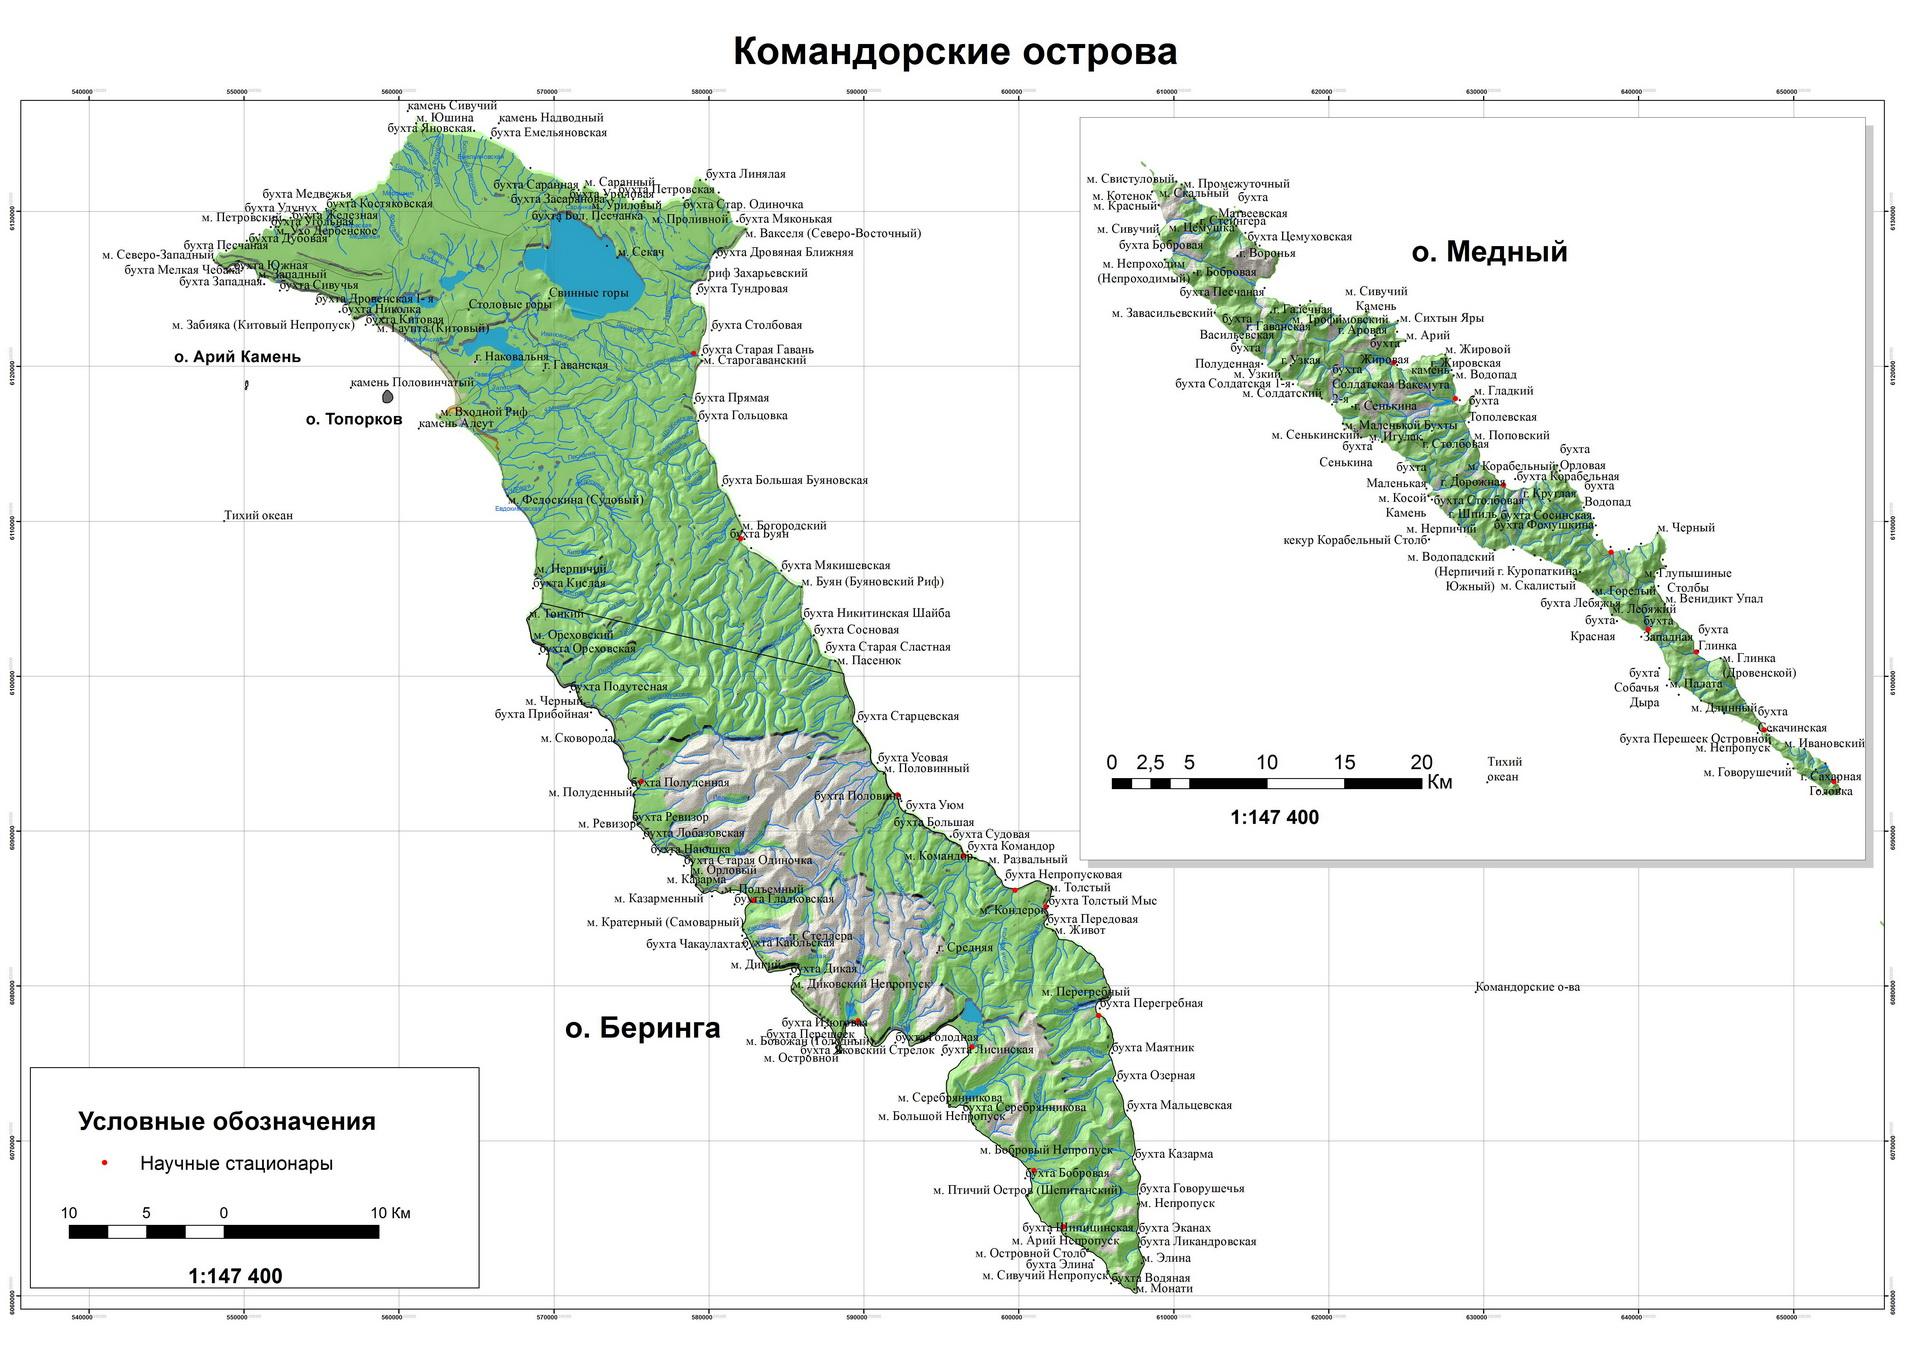 Где находятся командорские острова